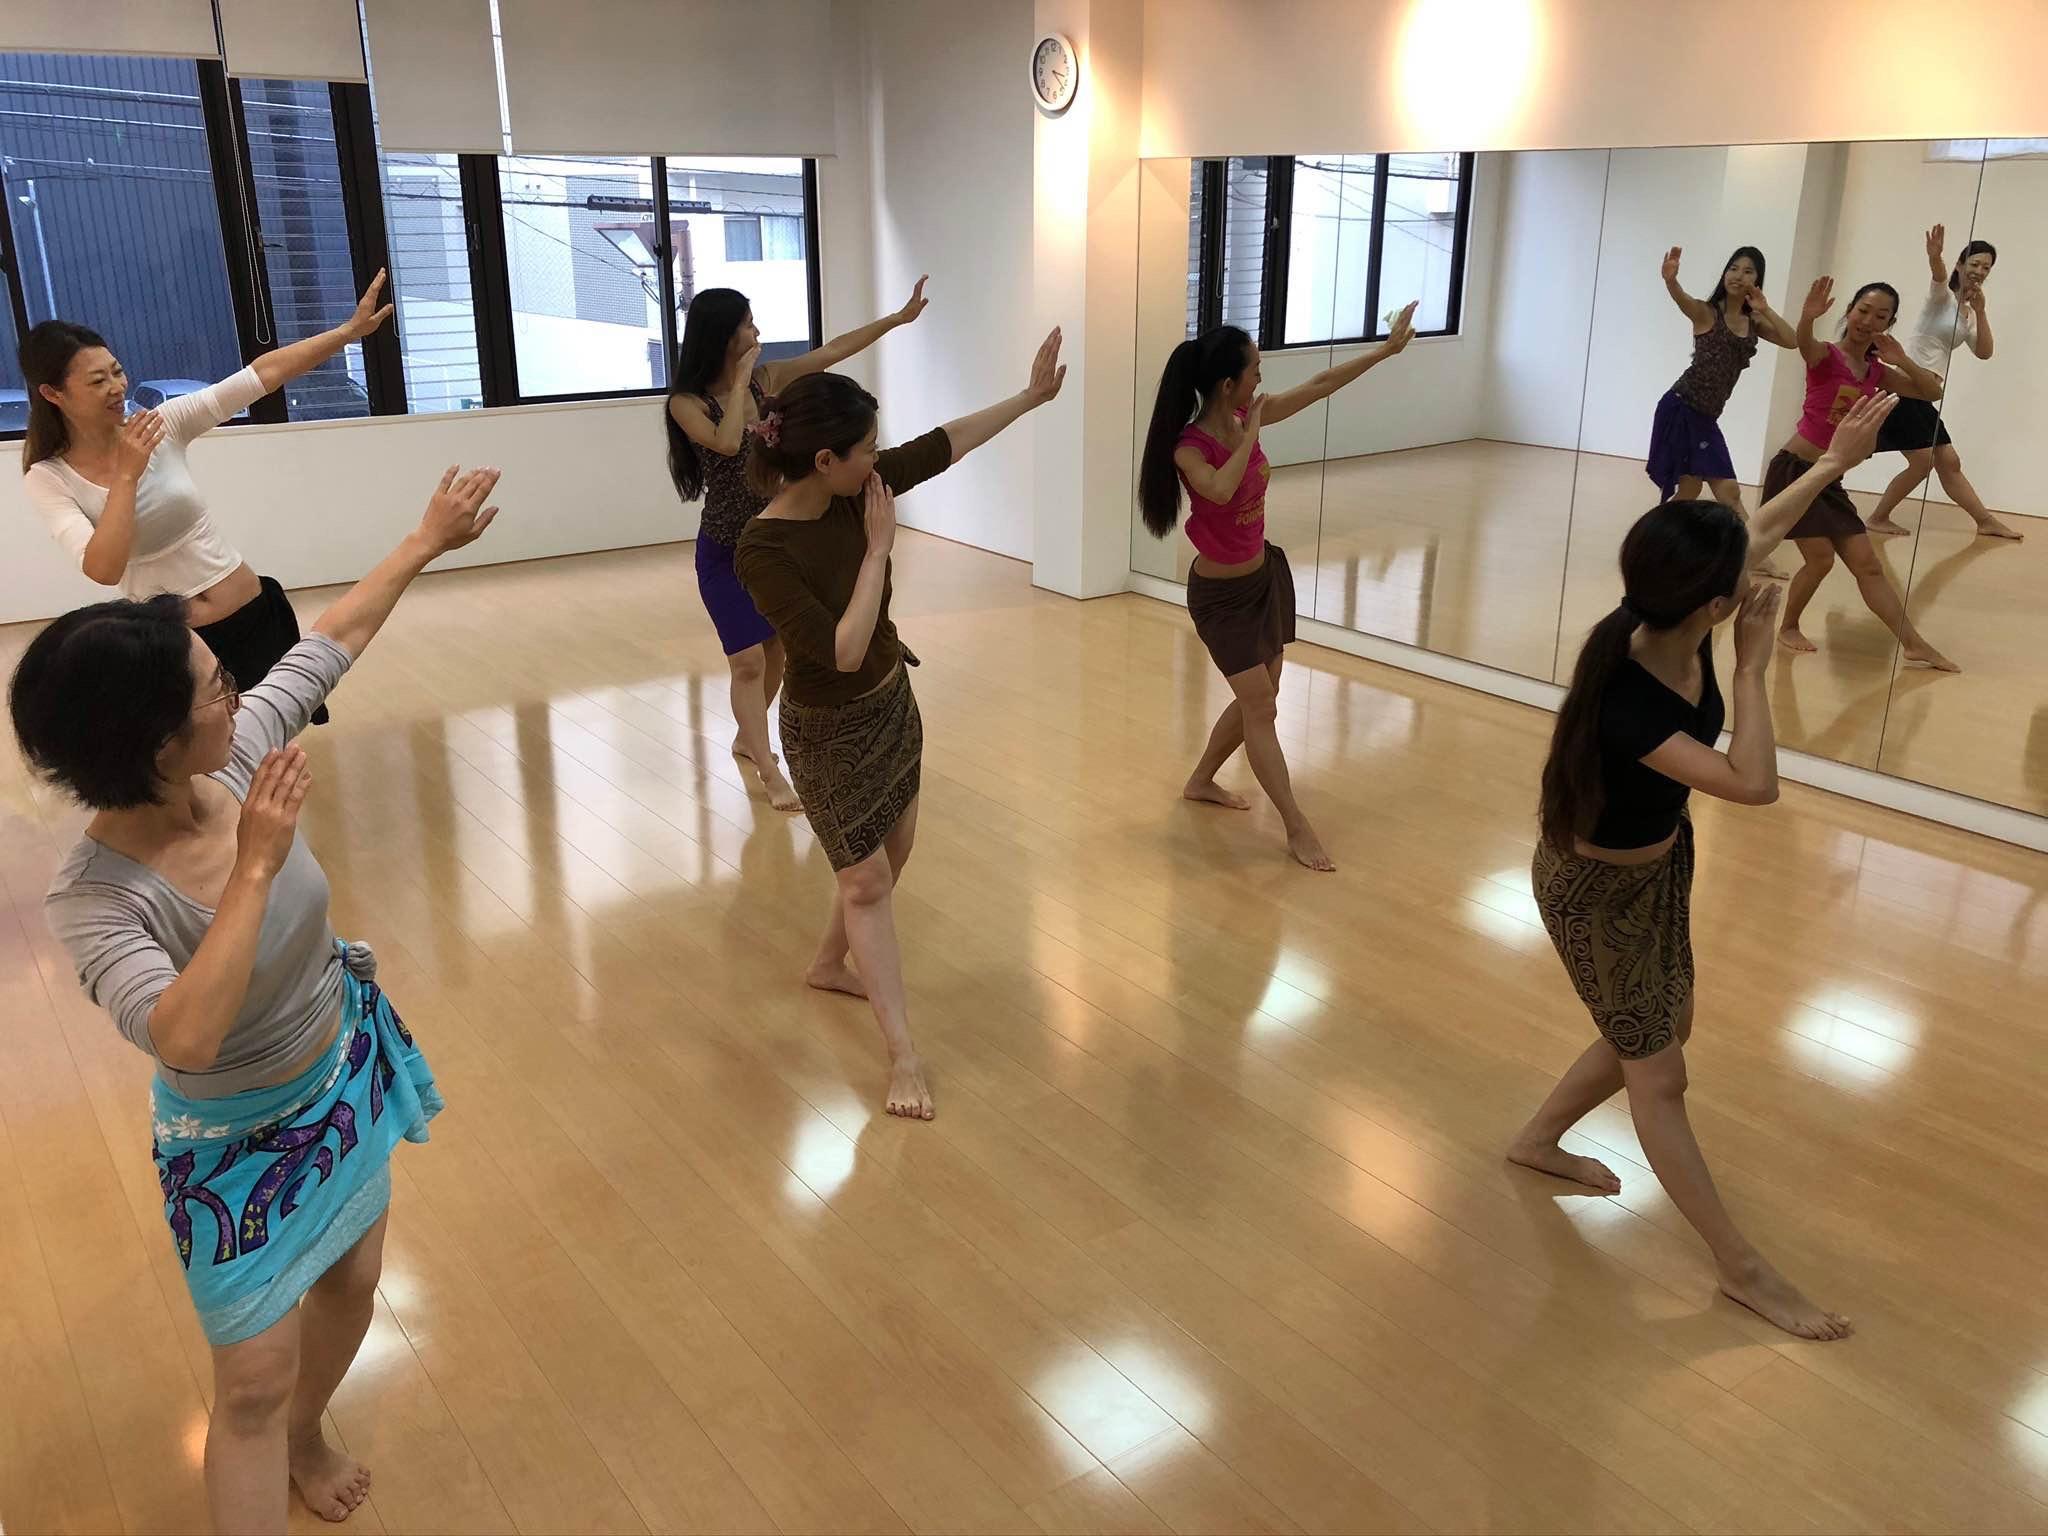 タヒチアンダンスを踊ってみたい!